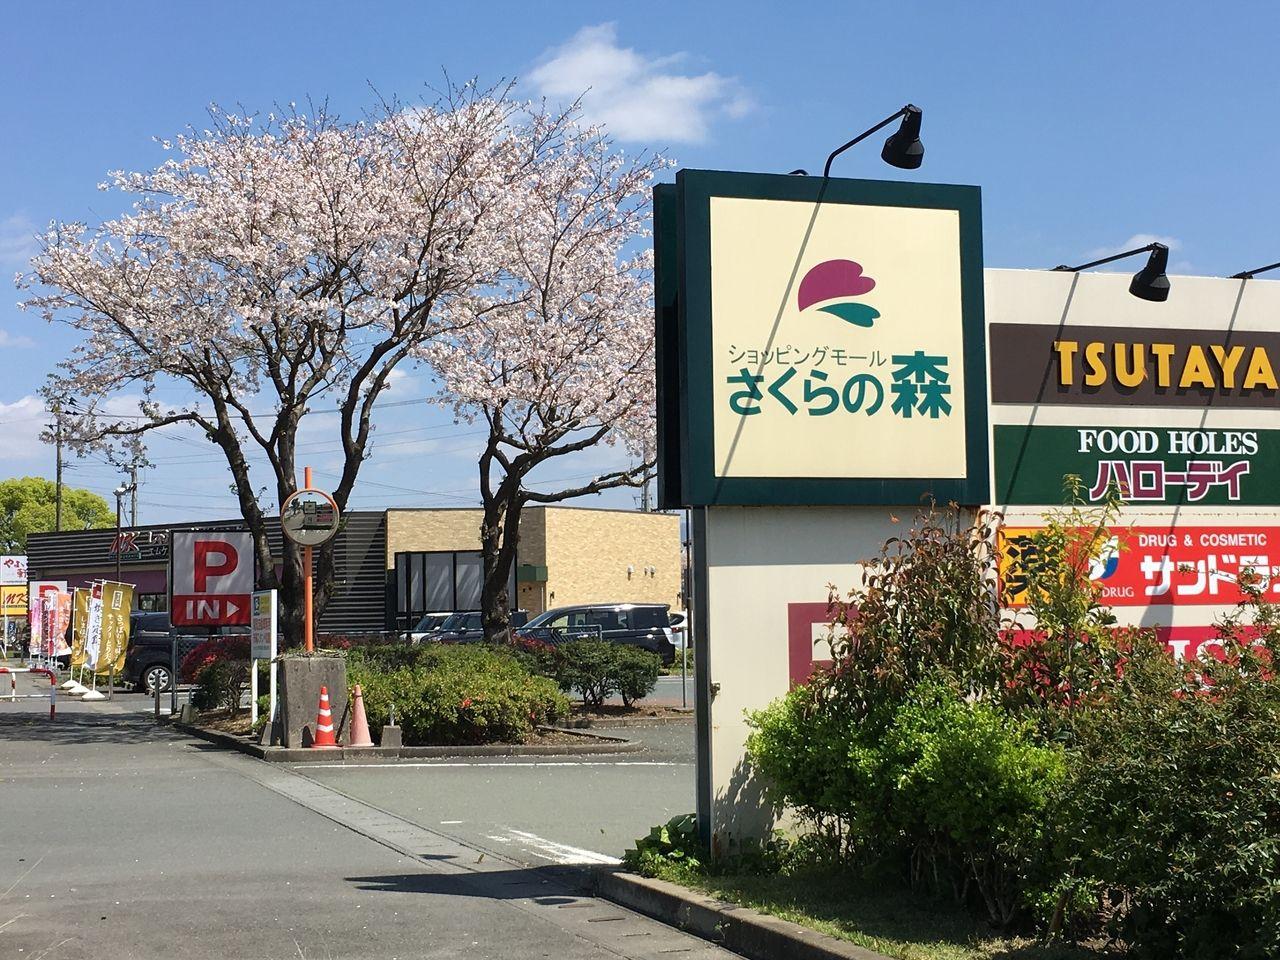 熊本市東区桜木6丁目6番1号096-360-8680ショッピングモールさくらの森は熊本市東区東部の住宅街にあり、通称・第二空港線に面しており便利なところにあります。その名の示すとおり春の季節には桜の花が咲き…